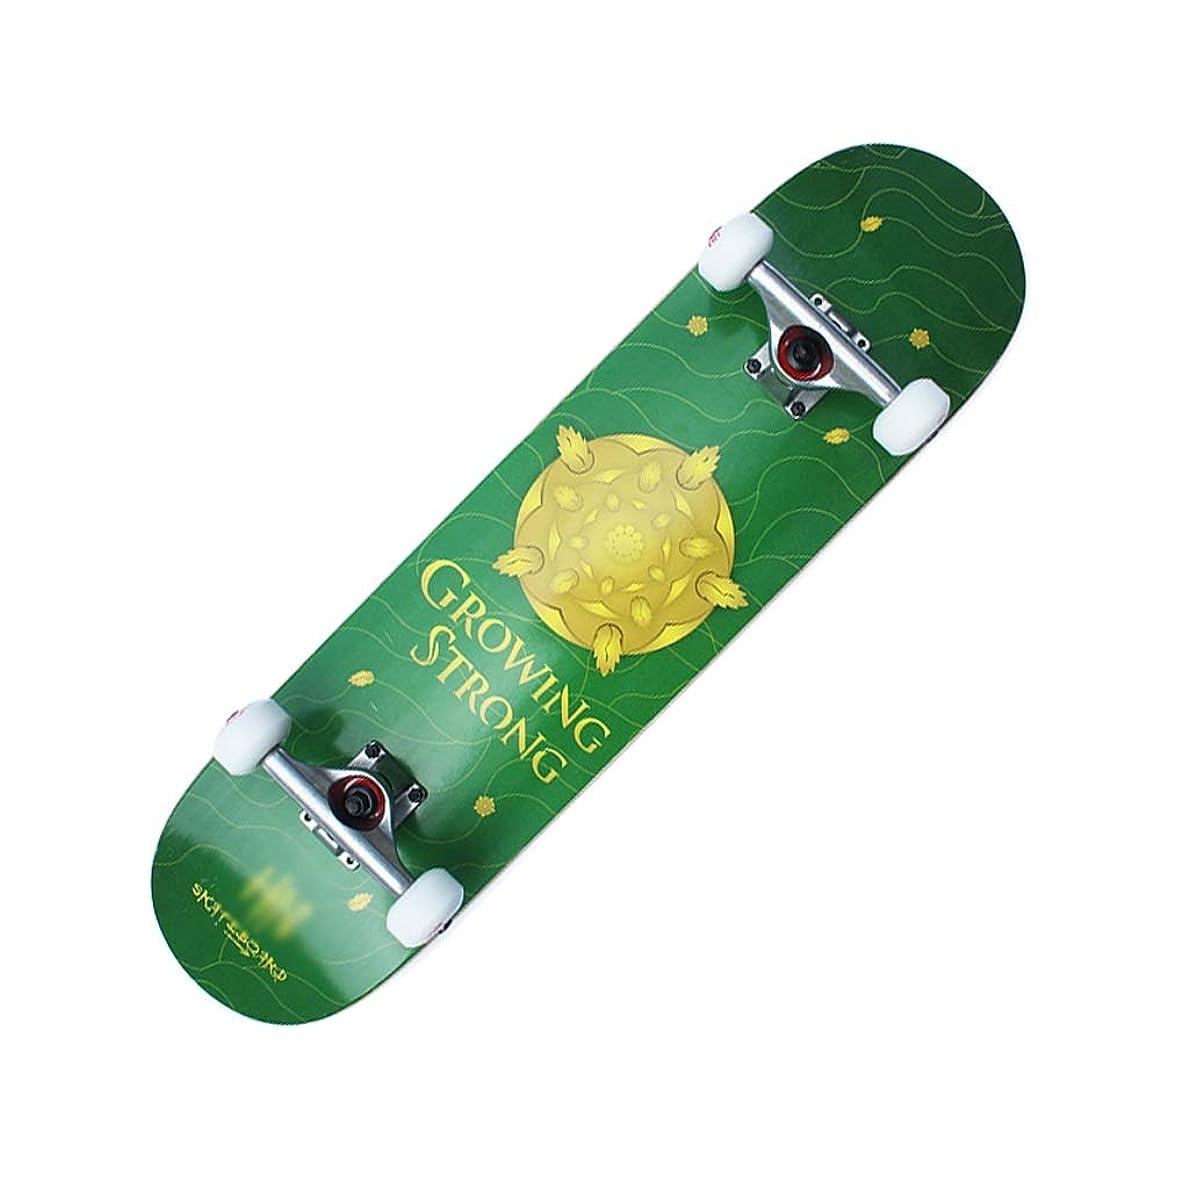 頭差別倒産HXGL-スケートボード スケートボードコンプリートロングボード31.5インチダブルキックスケートボードクルーザー7層メープルデッキ用エクストリームスポーツとアウトドア - グリーン